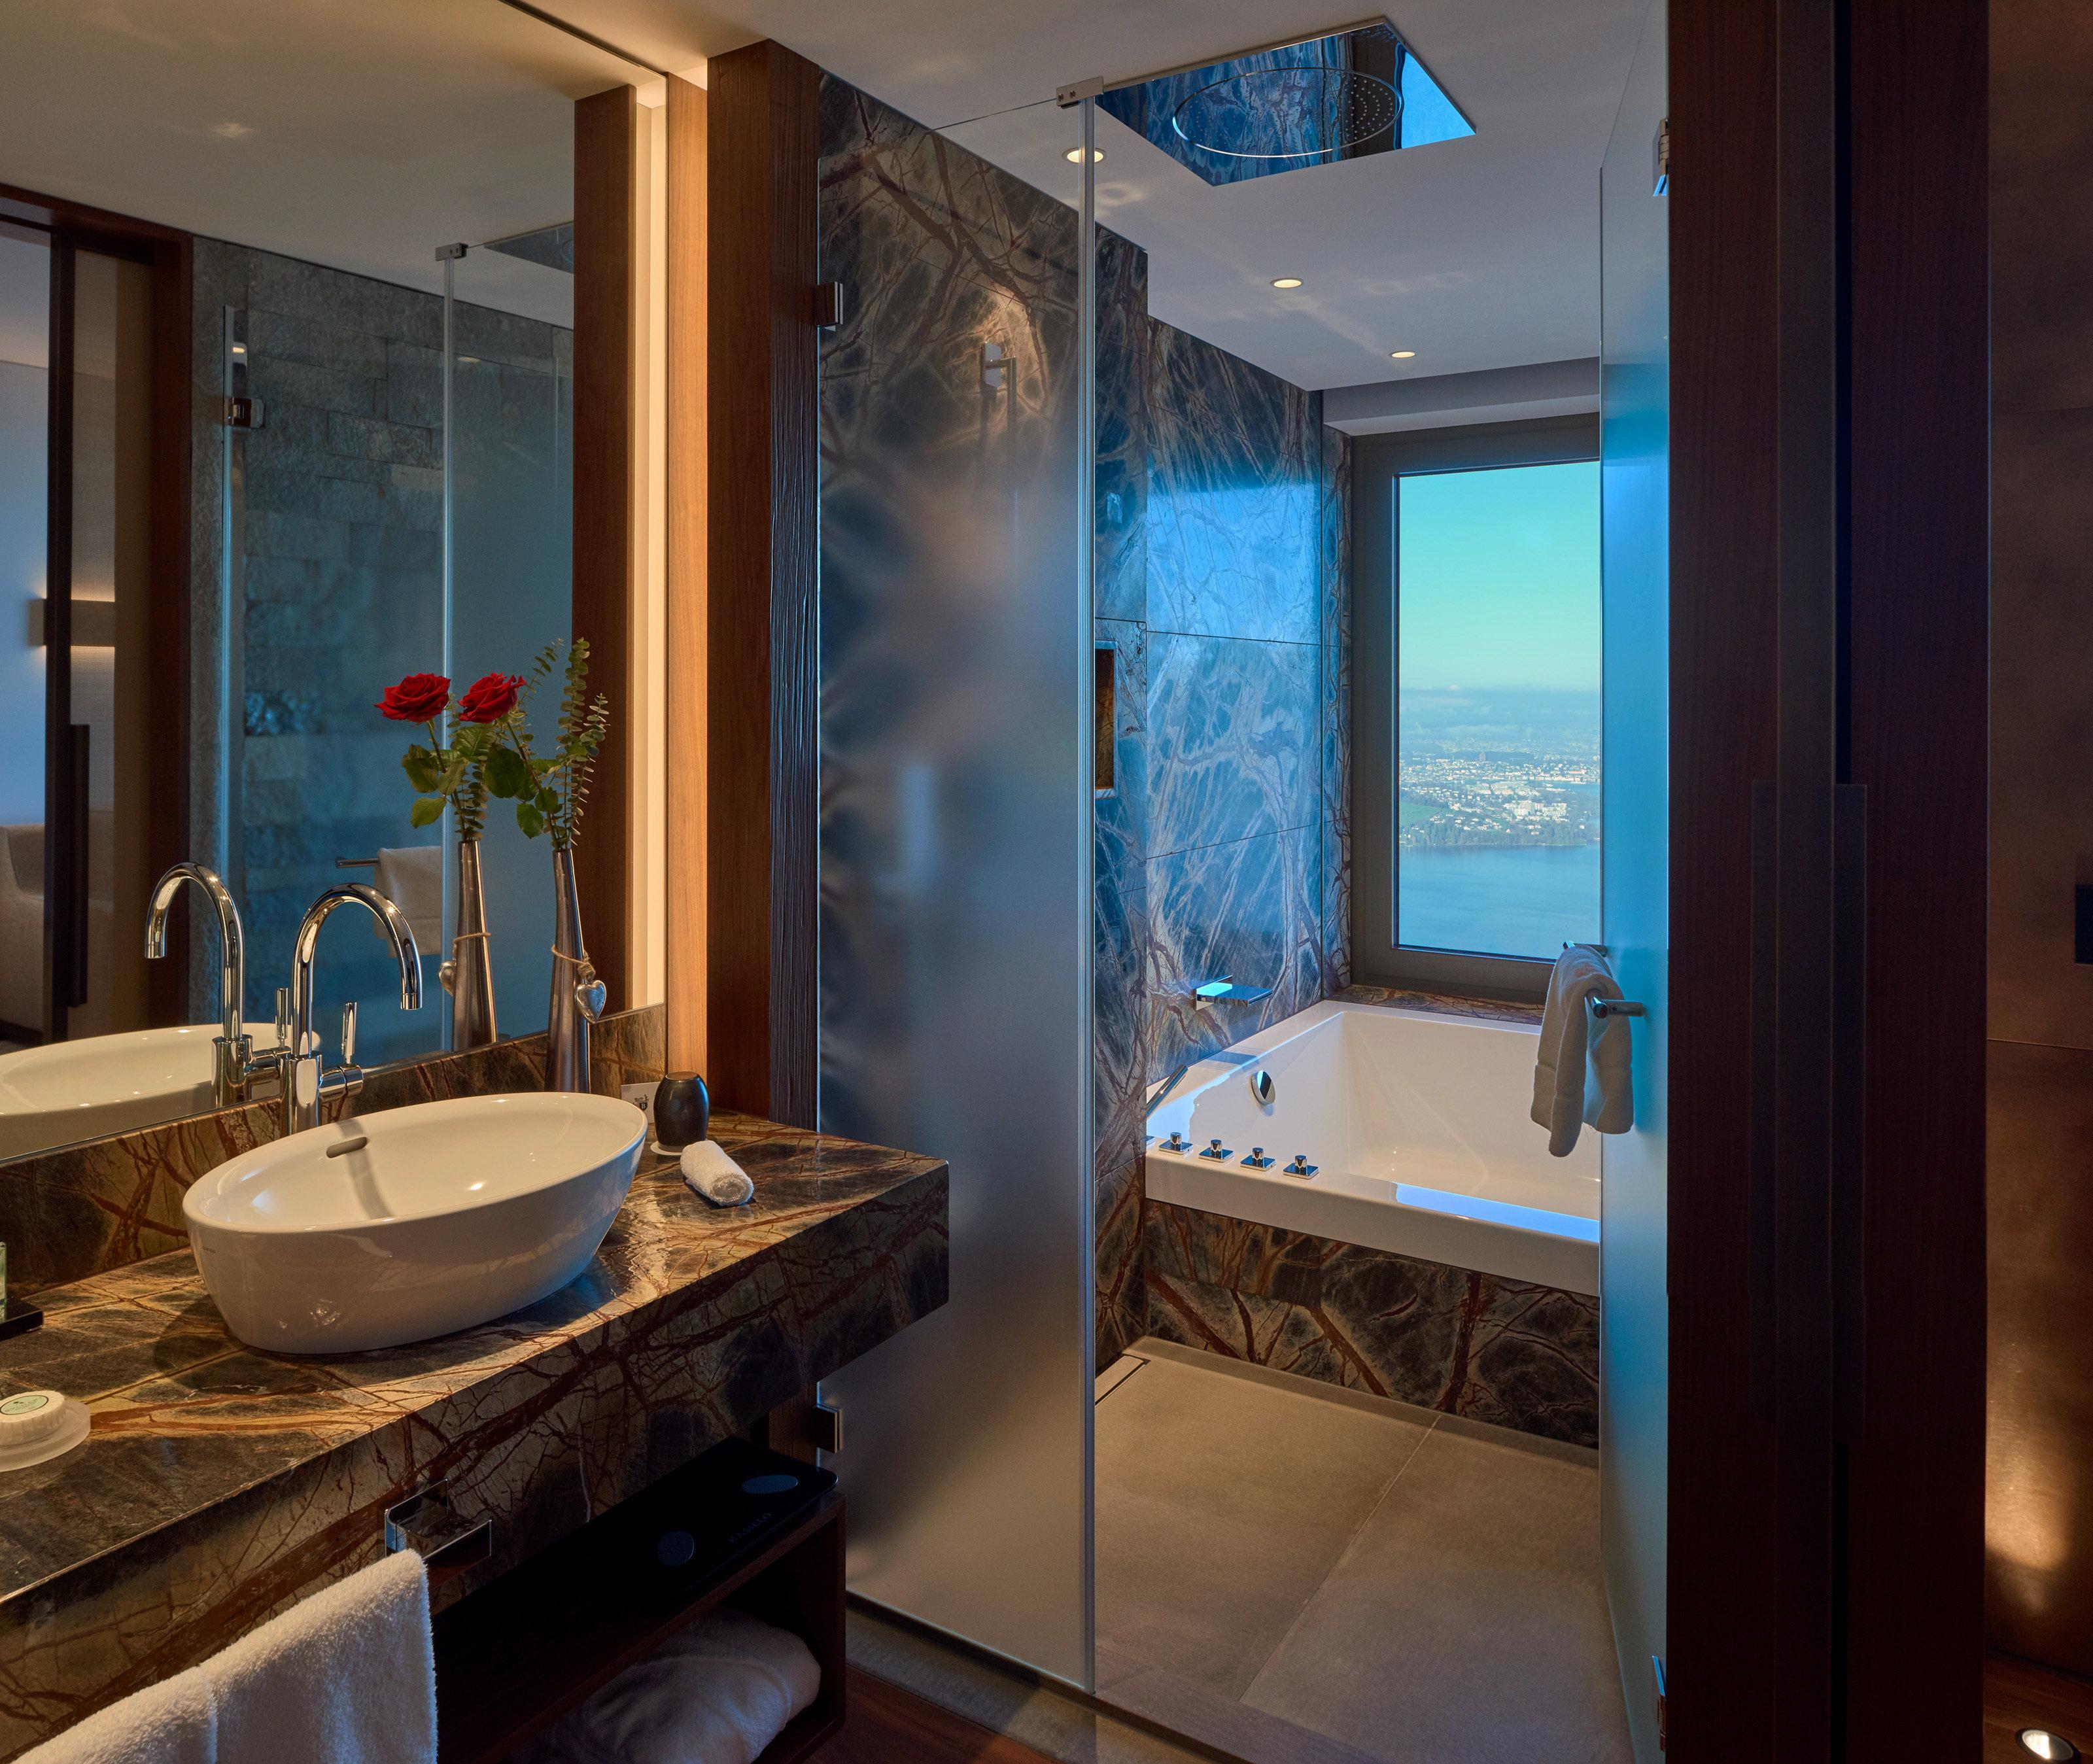 Spiegelbeleuchtung Bad Hotelzimmer